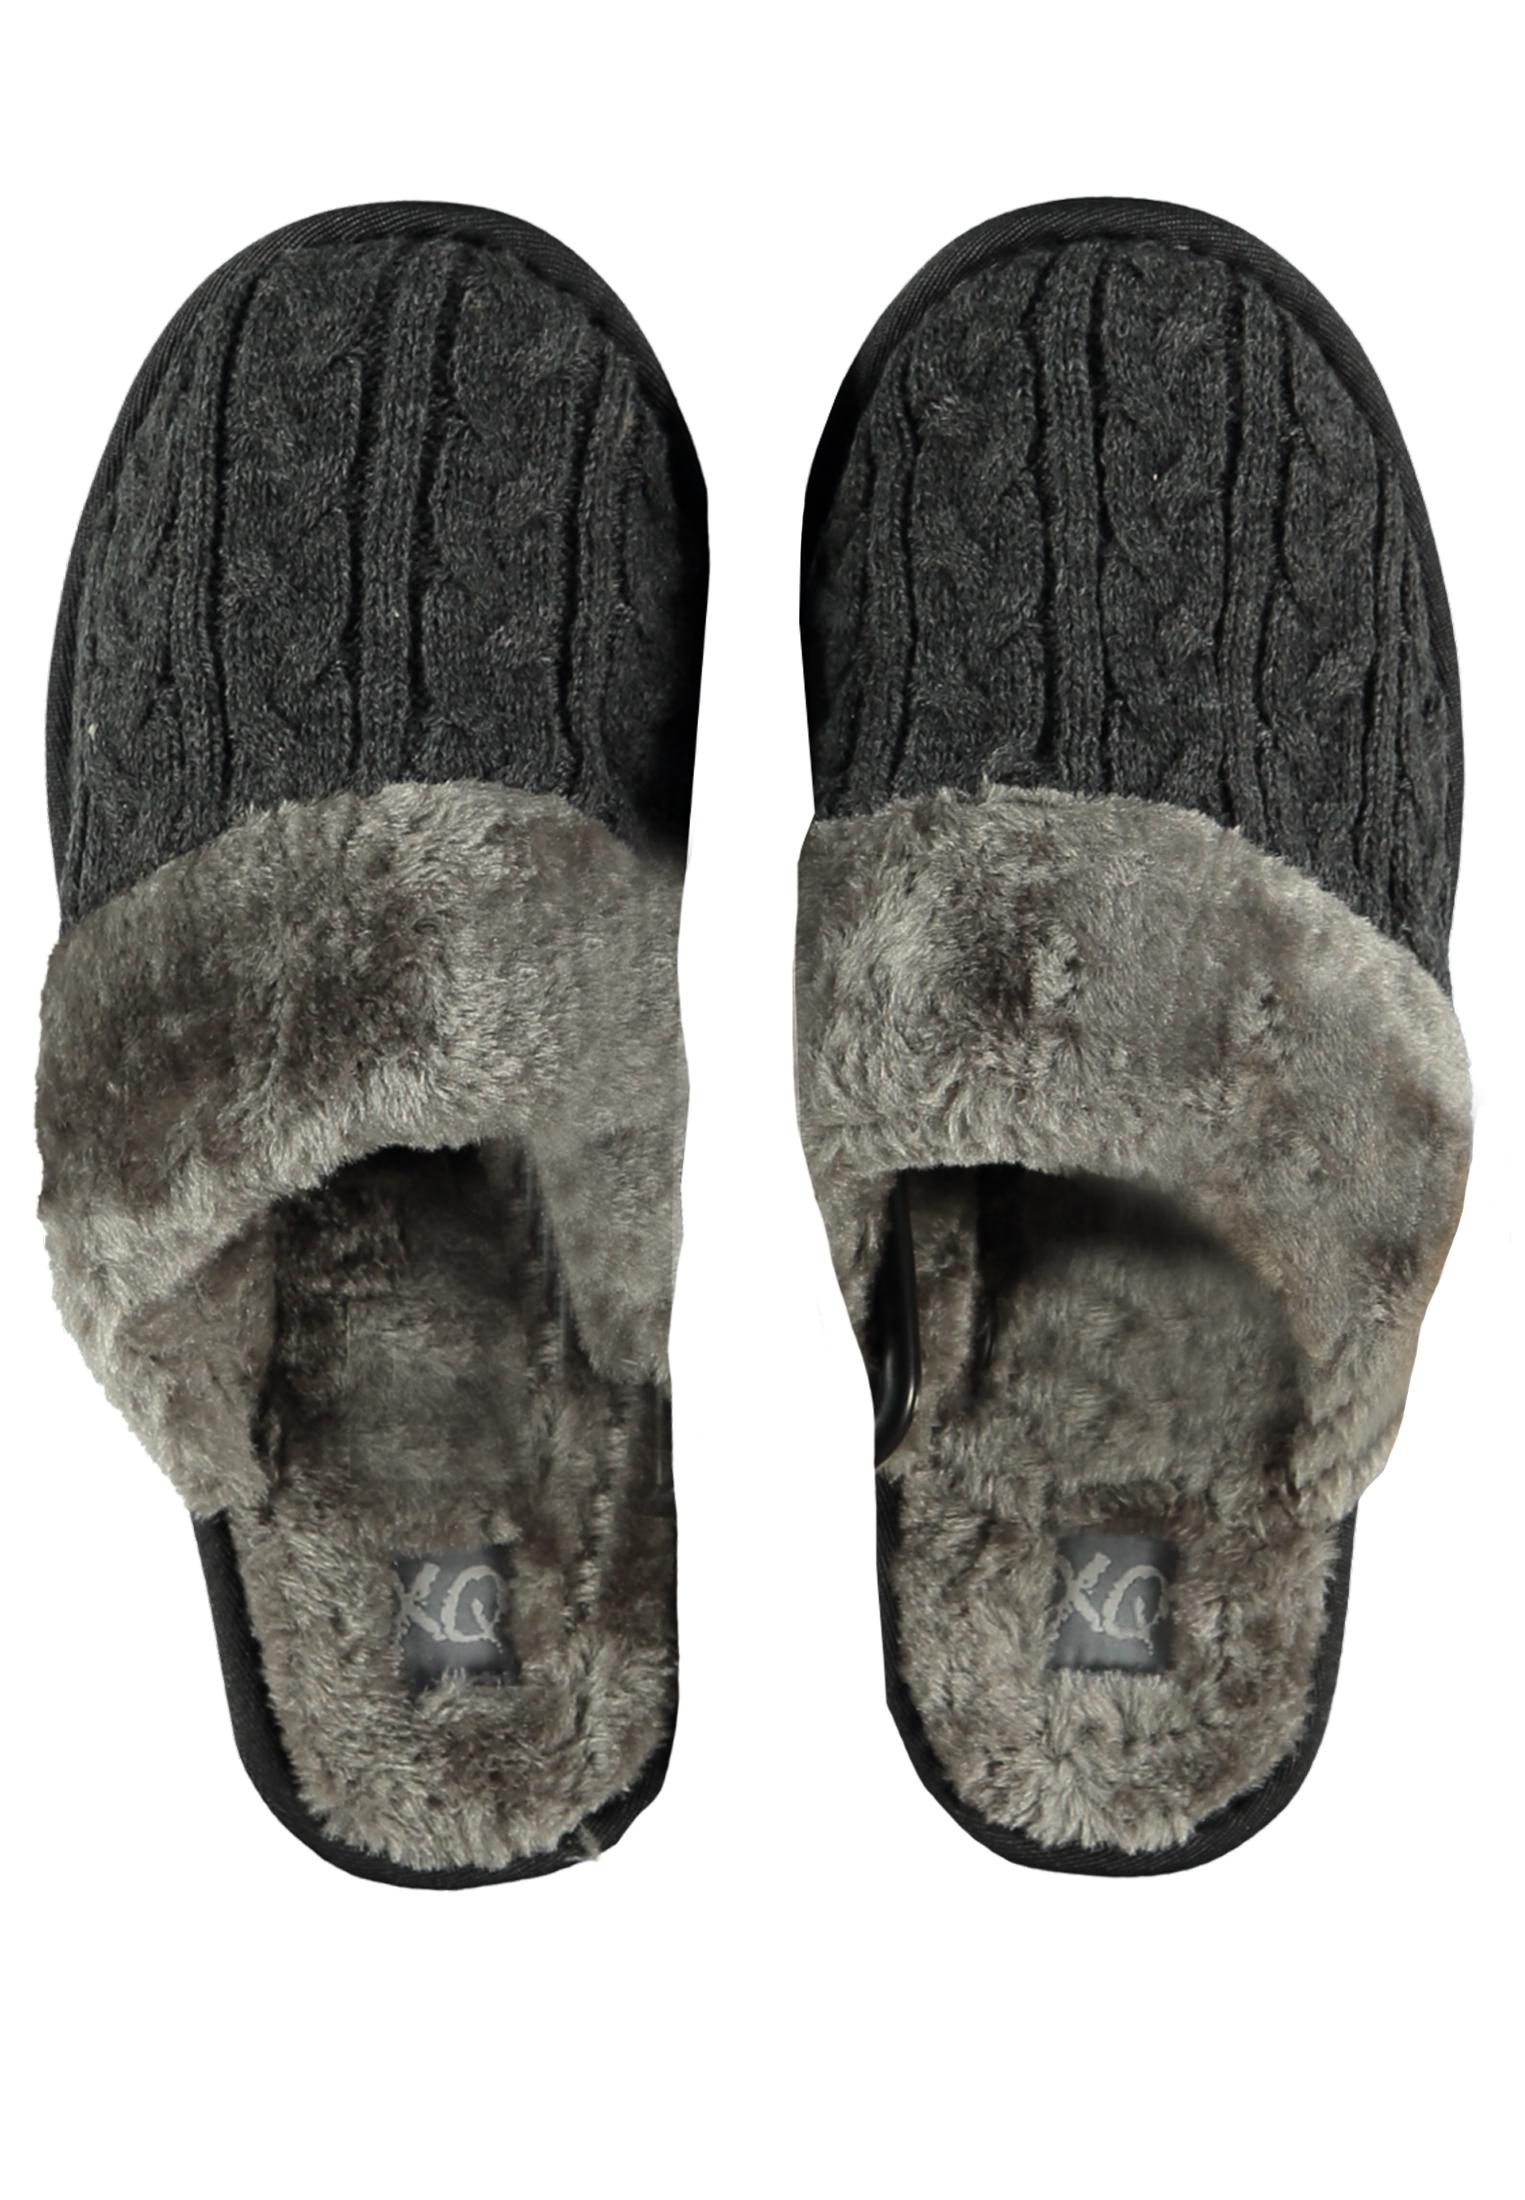 Mooie pantoffels met (nep) bont van het merk Appolo. Leuke grijze pantoffels voor lekkere warme voeten in de herfst en winter. Lekker zacht en comfortabel voor de voeten.